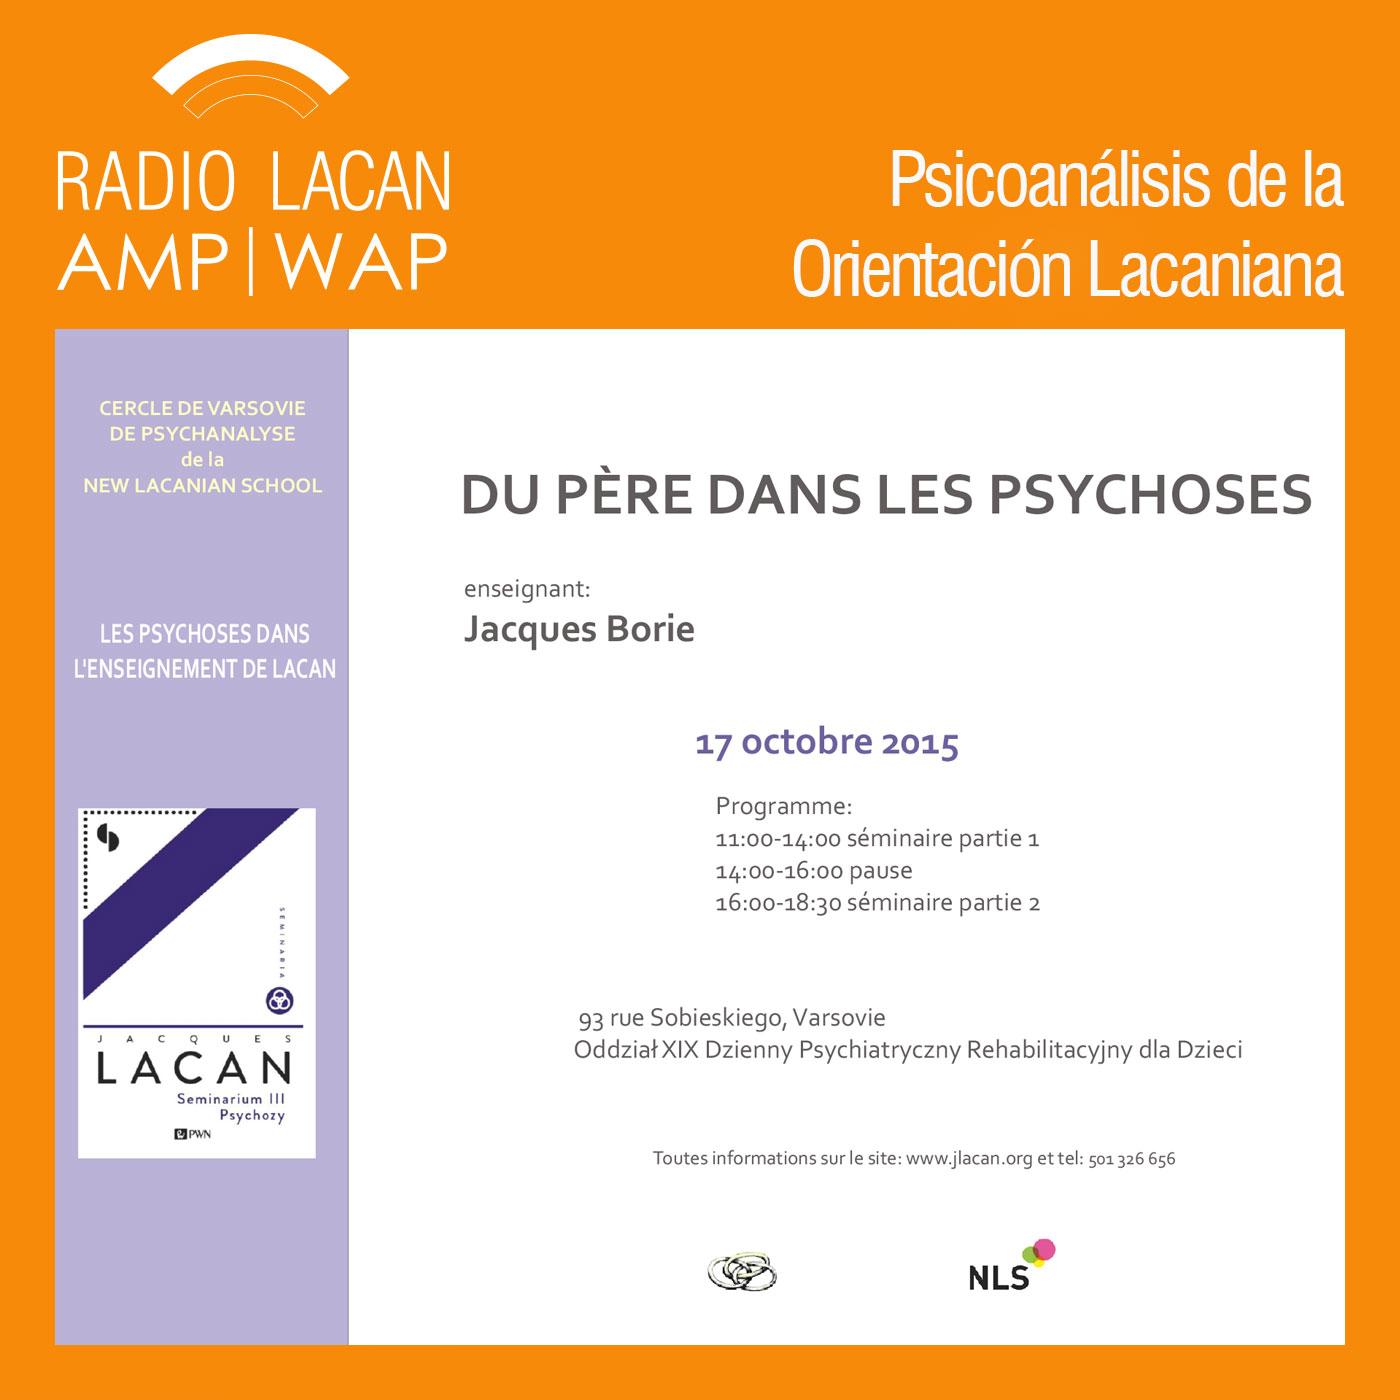 RadioLacan.com | <![CDATA[Círculo de Varsovia de psicoanálisis de la NLS: